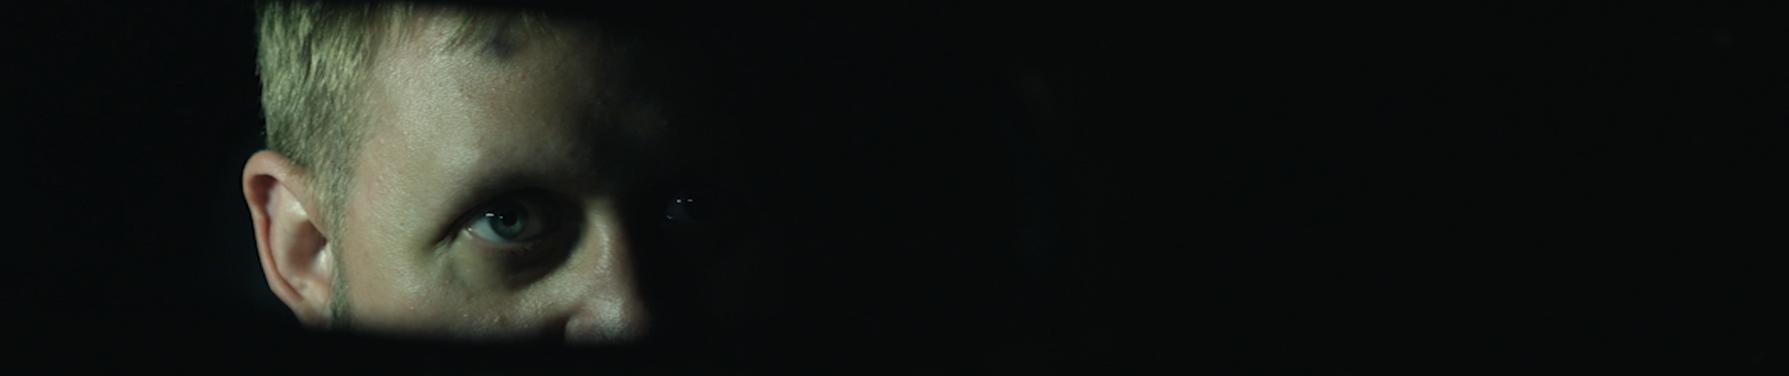 Screen Shot 2019-12-03 at 15.32.37.png